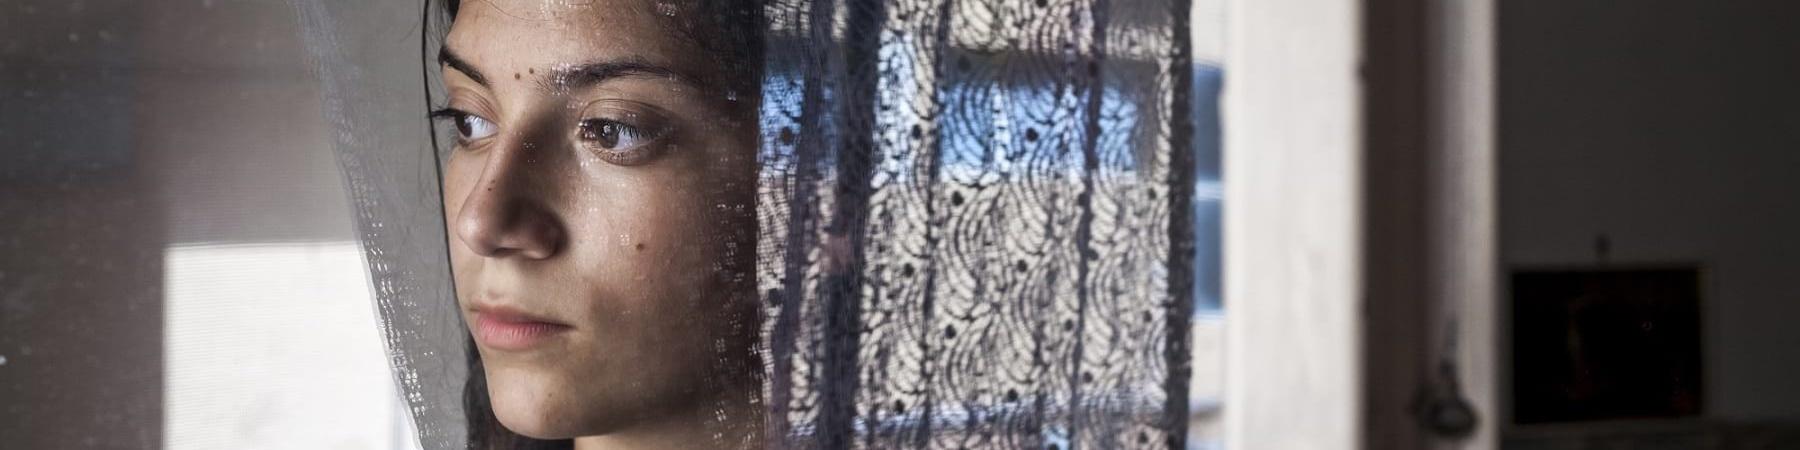 Primo piano di una ragazzina dietro il vetro di una finestra con la tendina celeste di lato